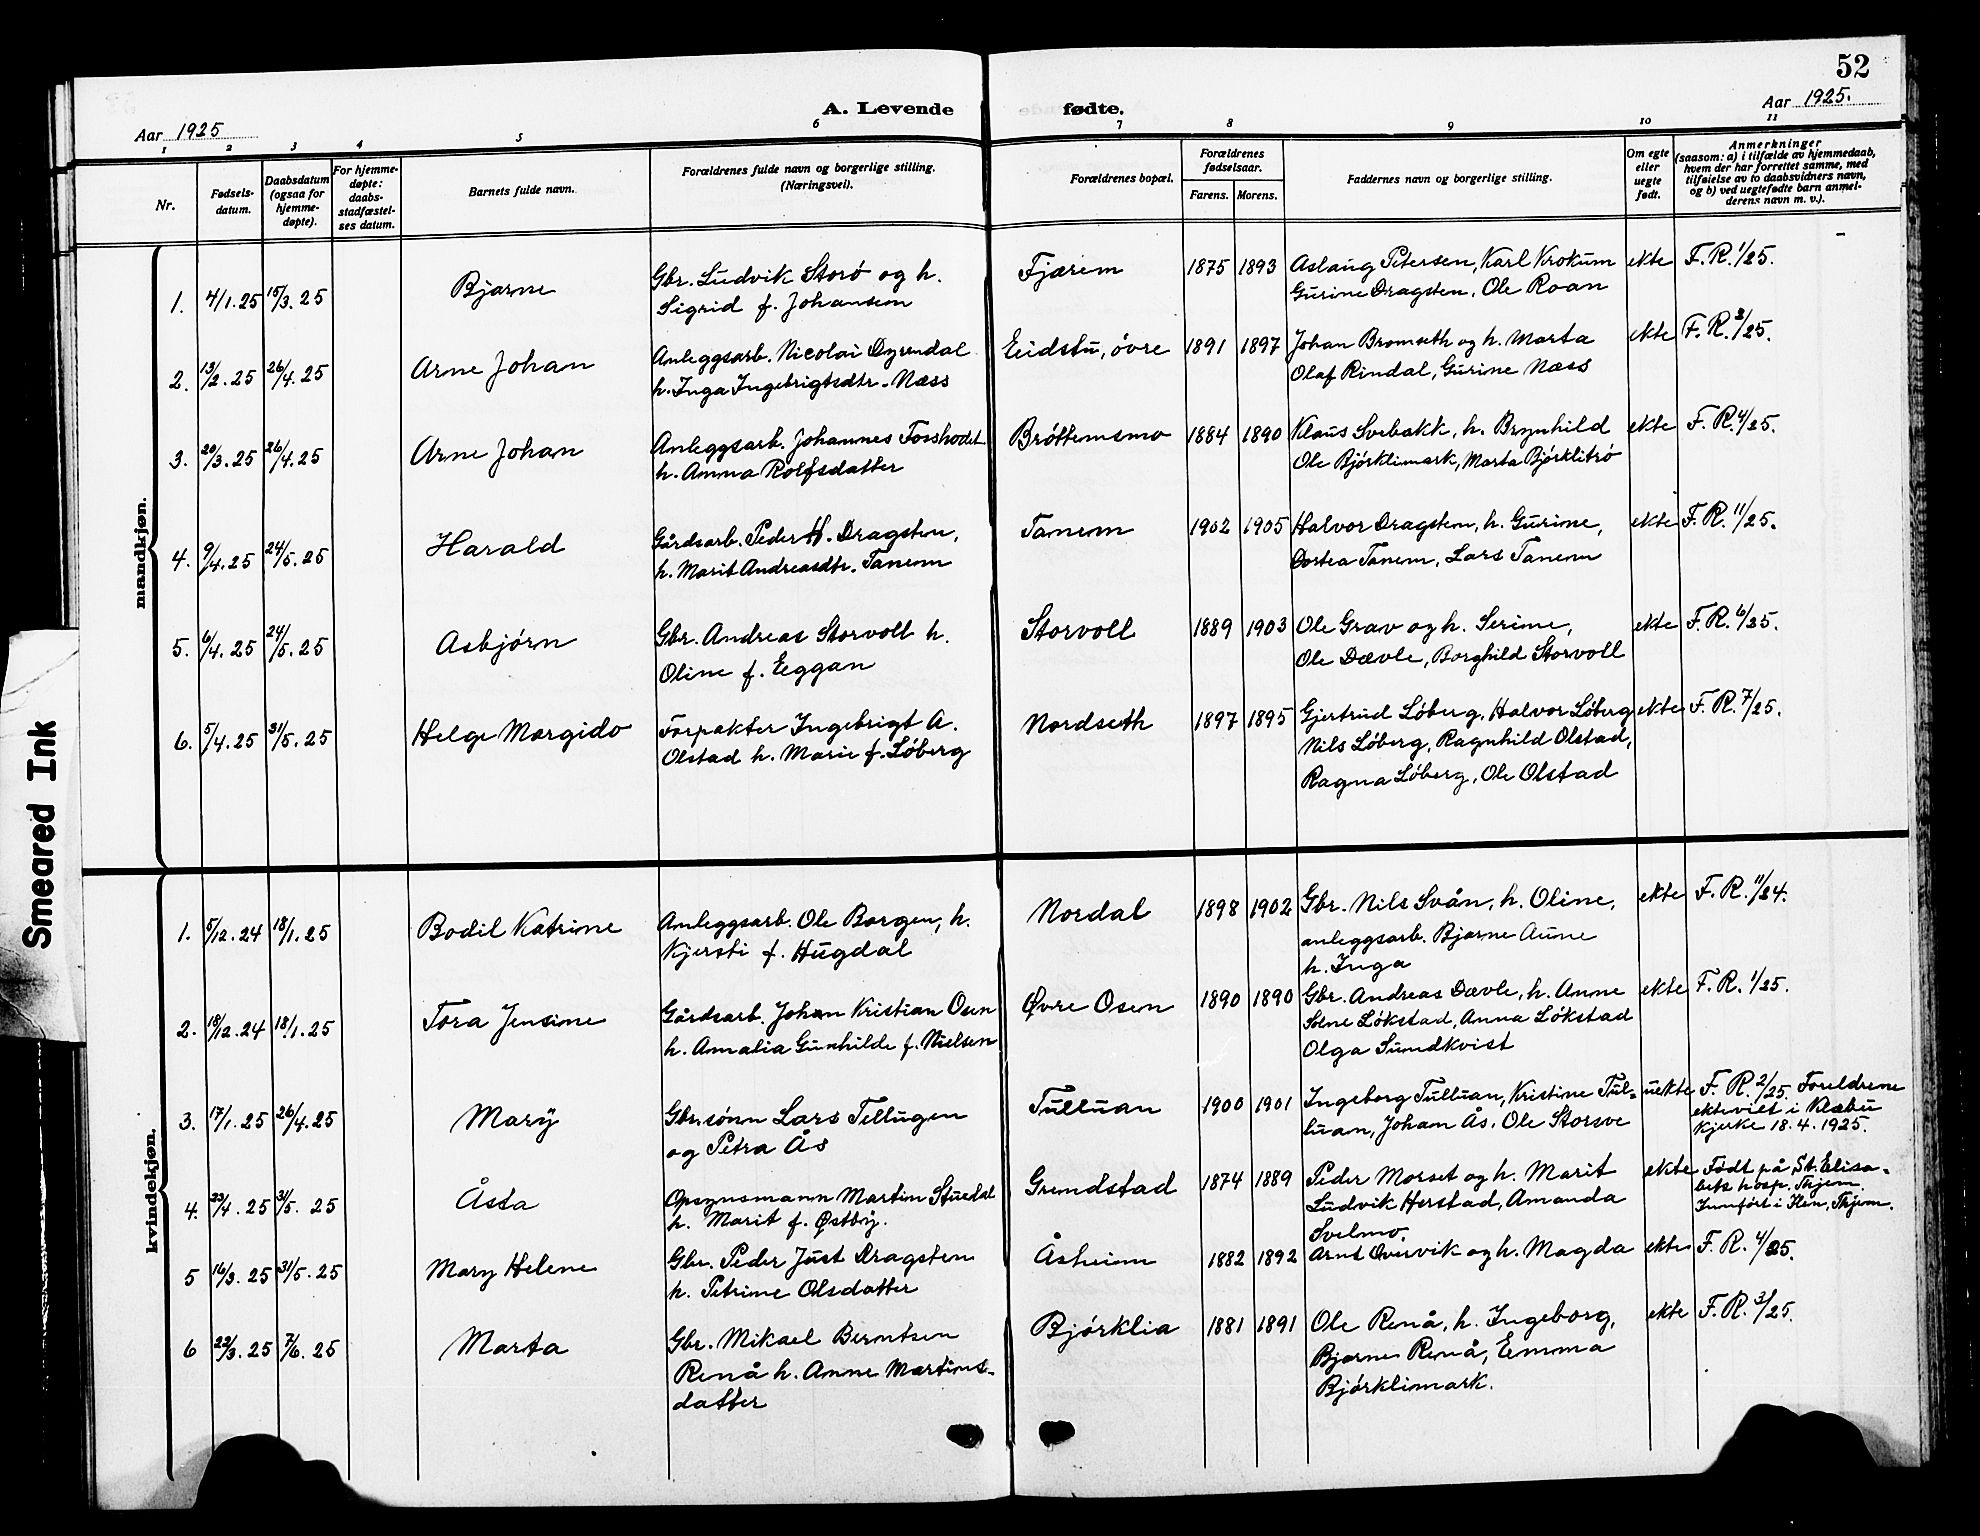 SAT, Ministerialprotokoller, klokkerbøker og fødselsregistre - Sør-Trøndelag, 618/L0453: Klokkerbok nr. 618C04, 1907-1925, s. 52